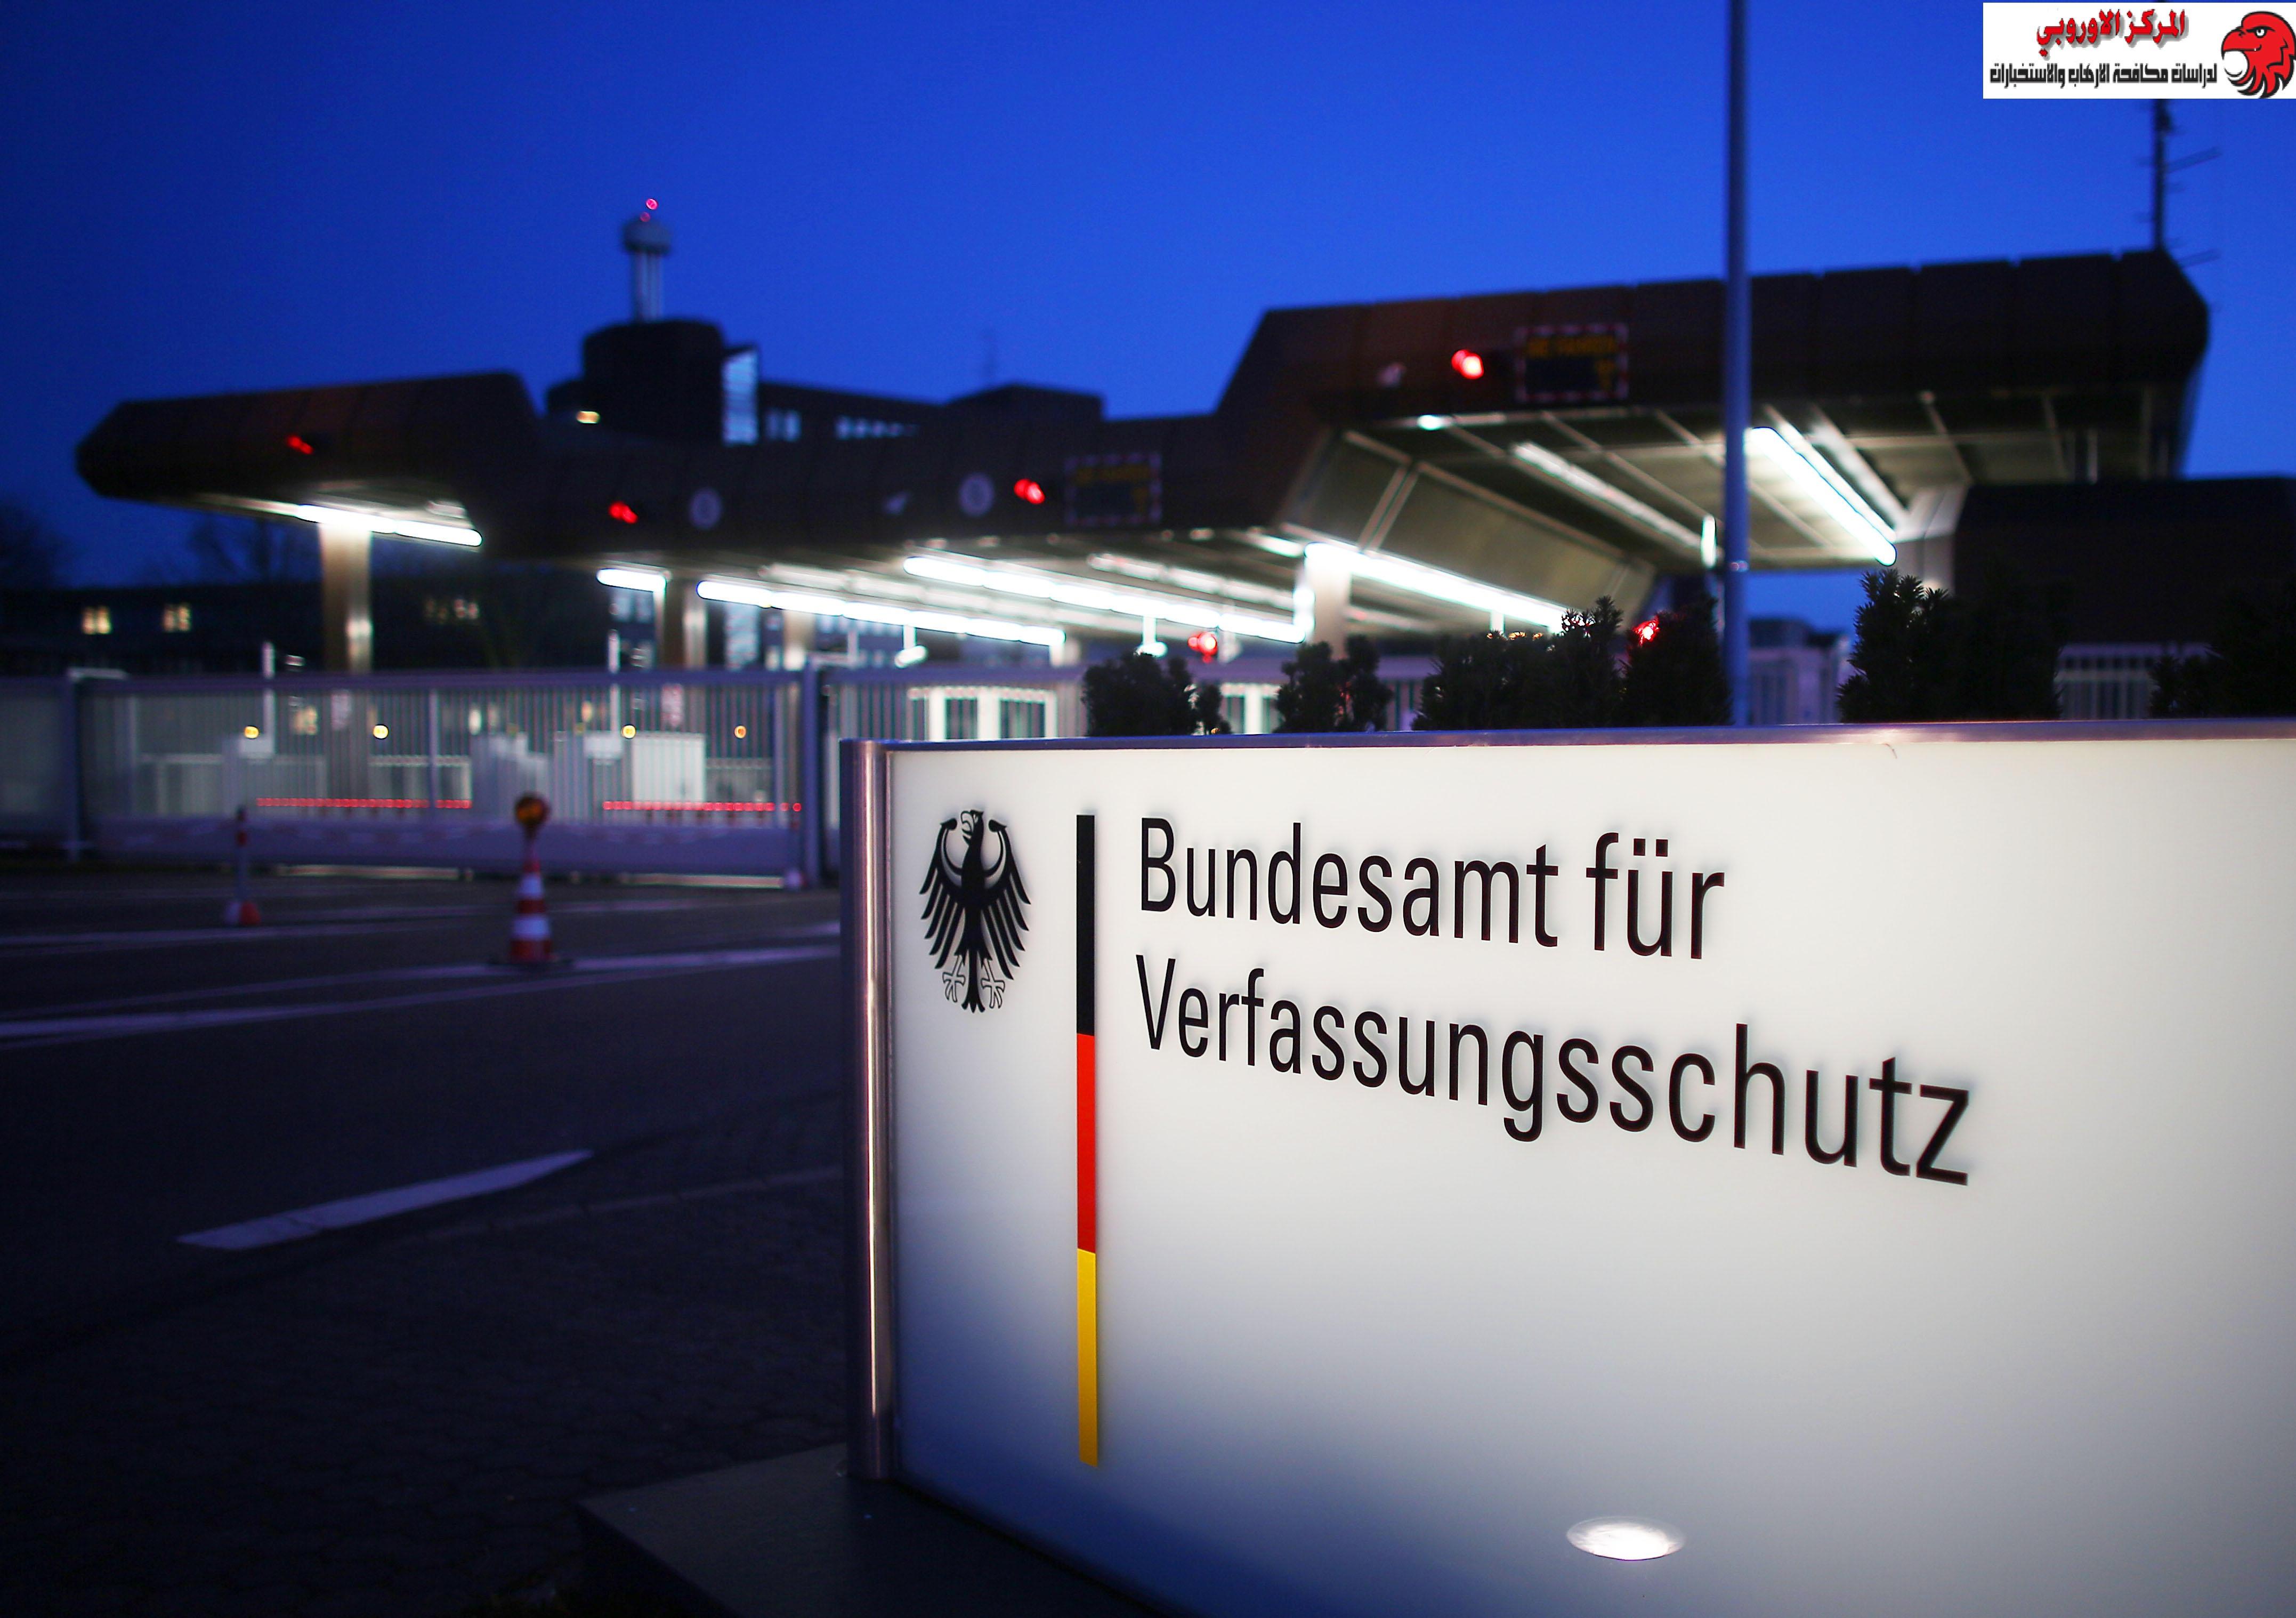 الإستخبارات الألمانية تعيد تنظيم نفسها، امام تهديدات اليمين المتطرف